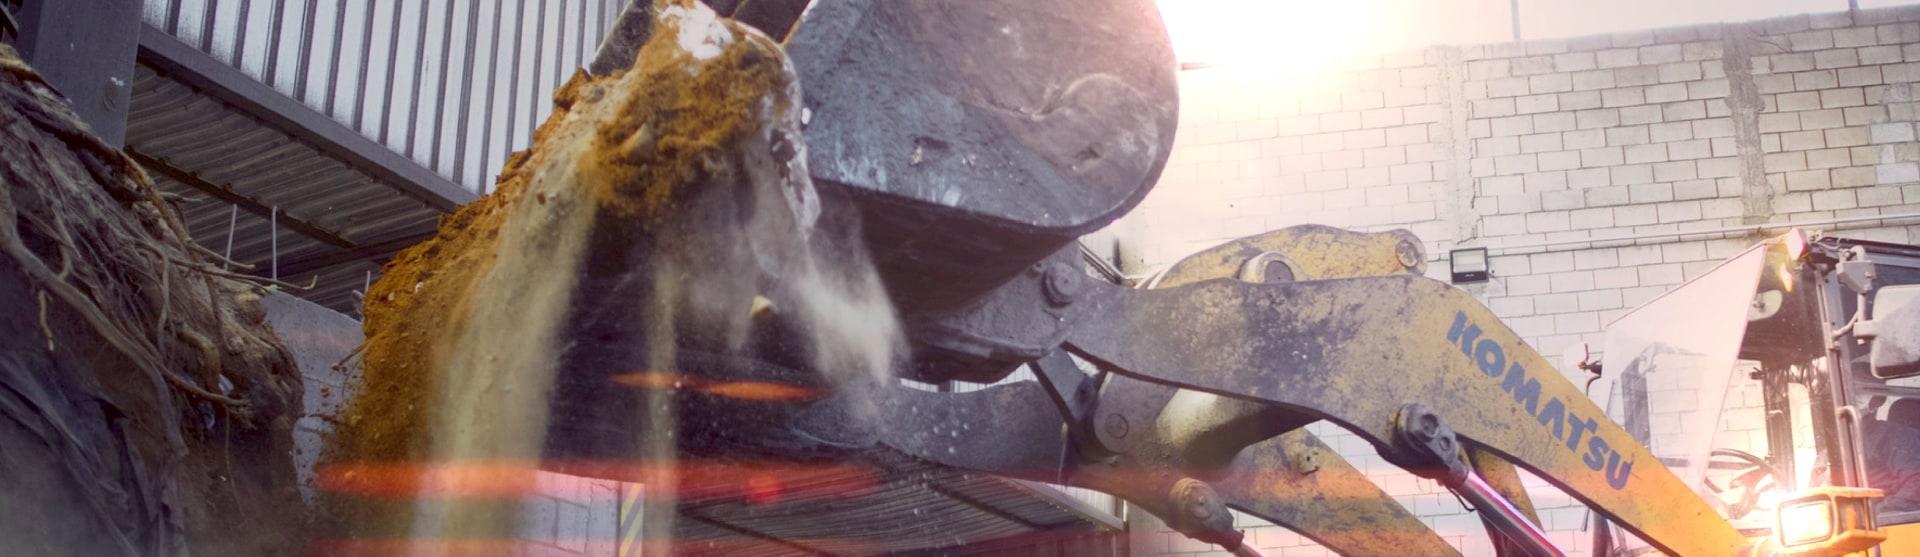 Tratamento de Resíduos Industriais e Destinação final Remediação de Área Contaminada e Remoção do Solo